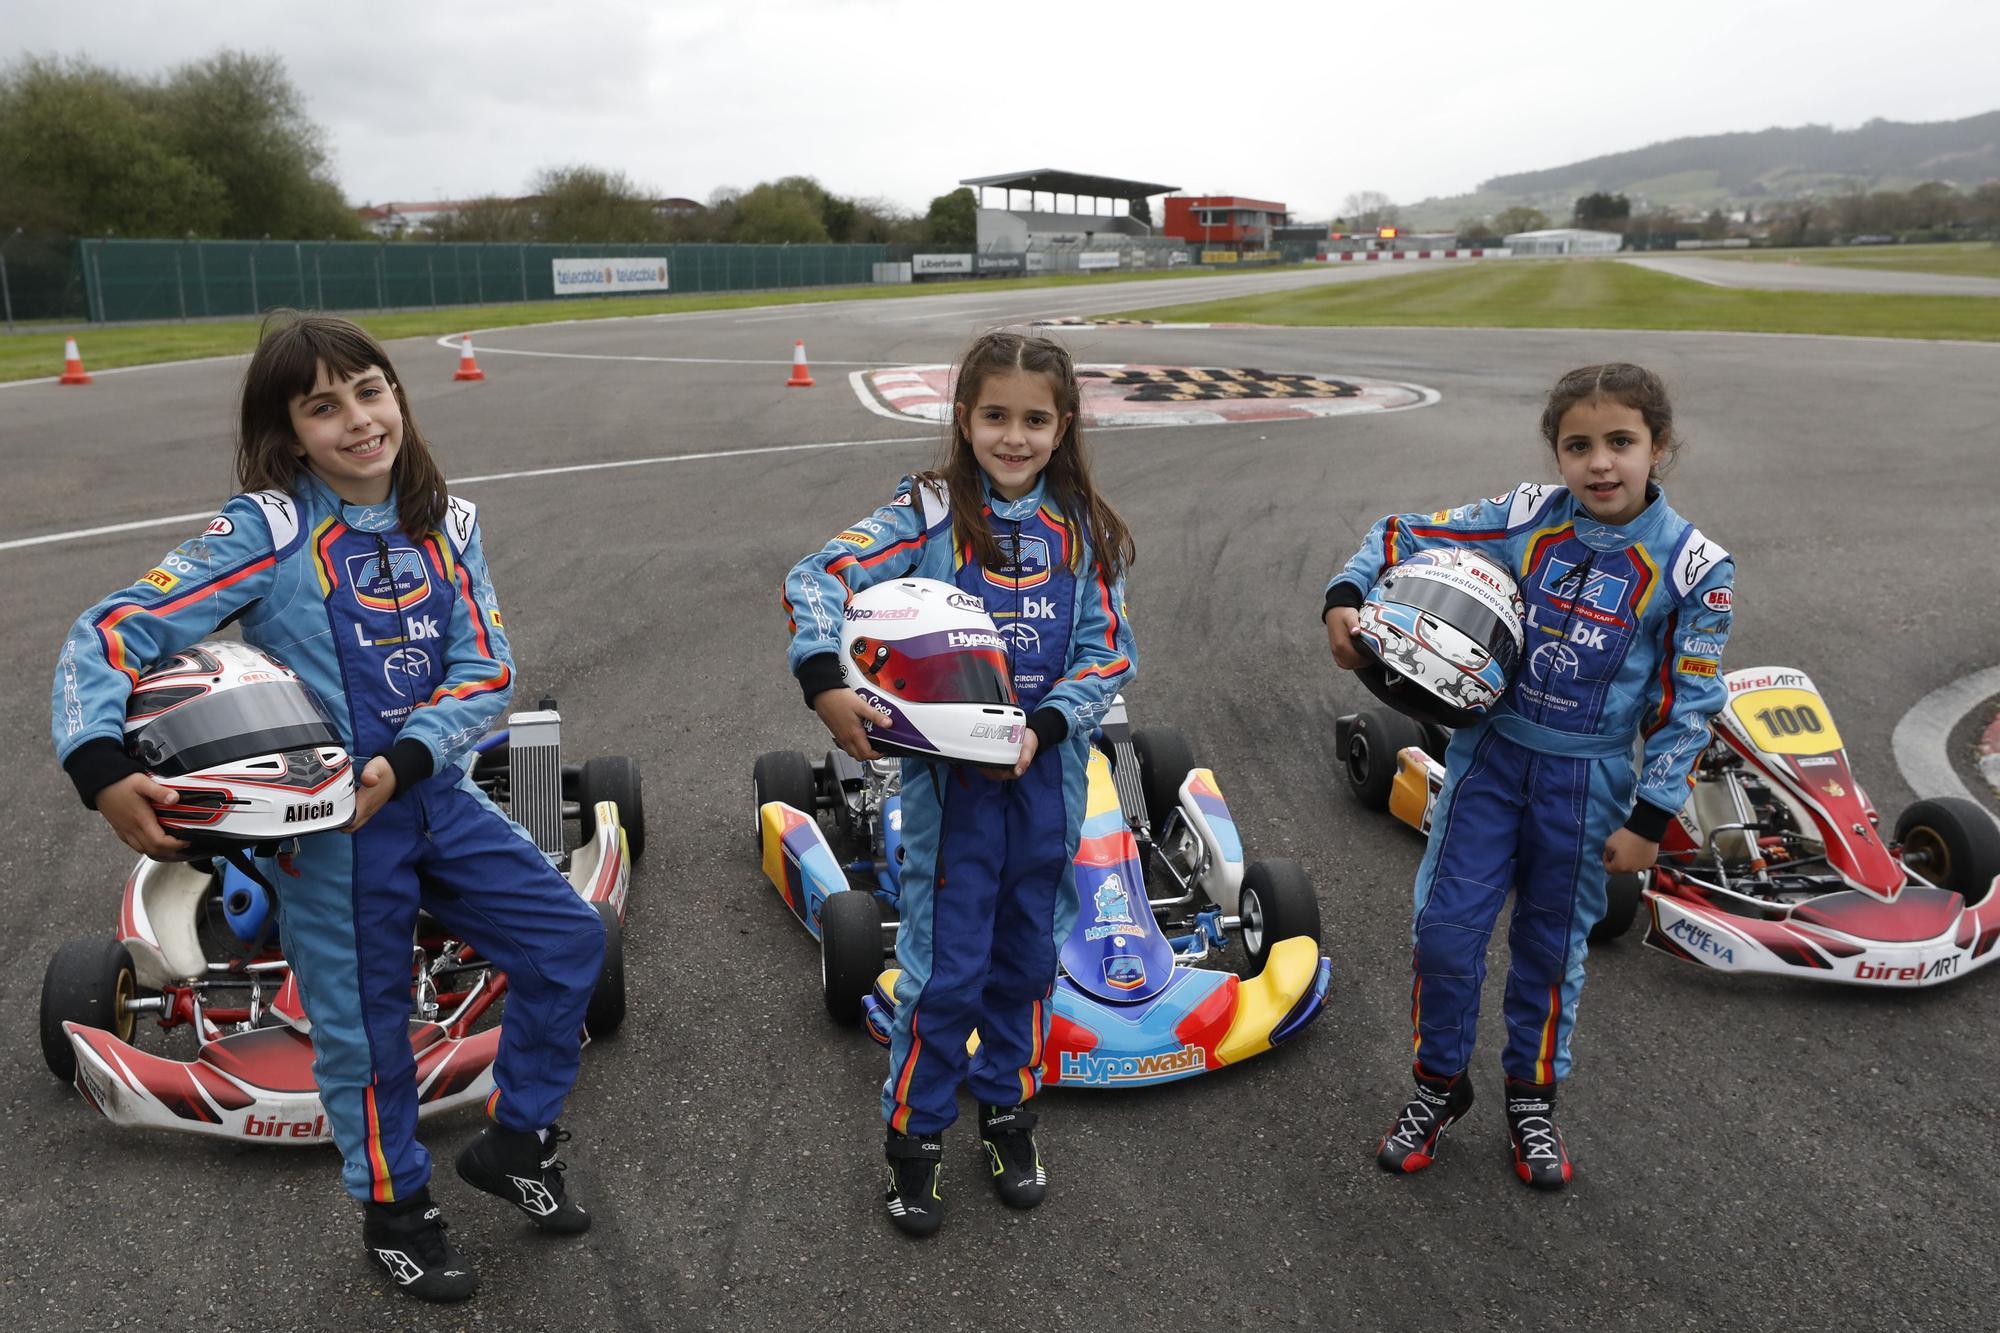 Las imágenes de Daniela Martínez, Alba Cueva y Alicia Sánchez